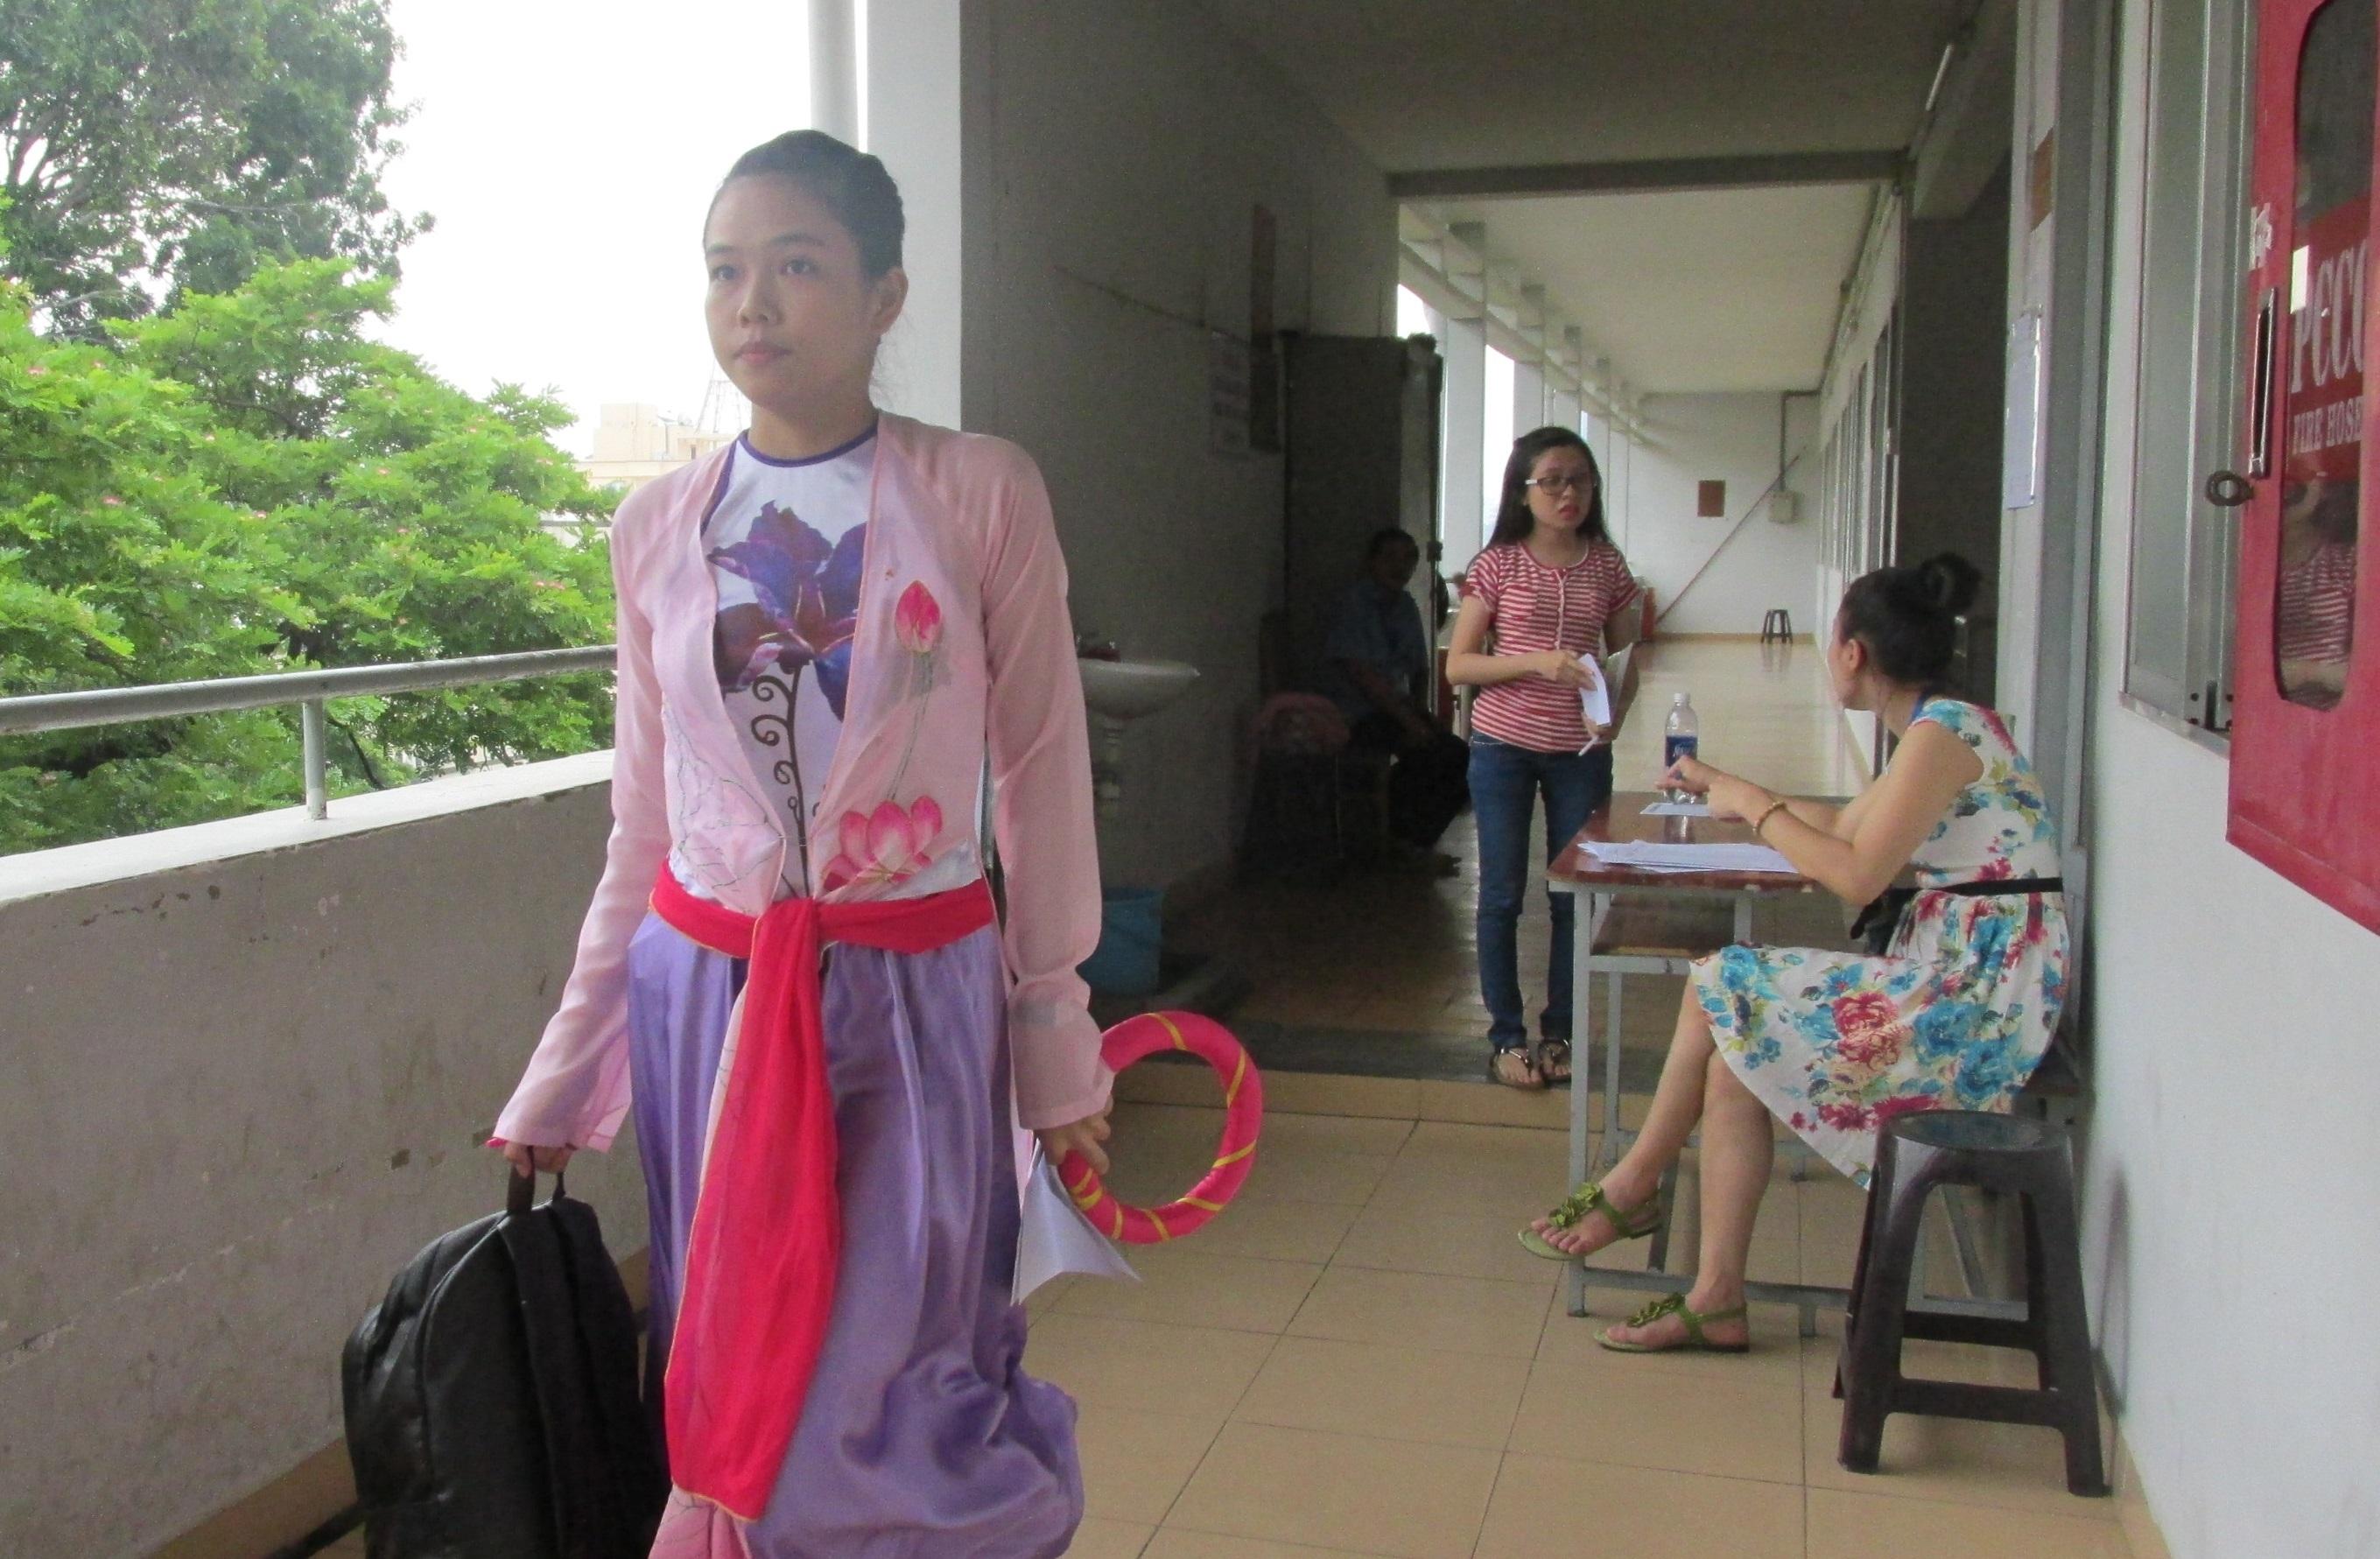 Xúng xính trong trang phục đẹp để có ấn tượng tốt với giám khảo